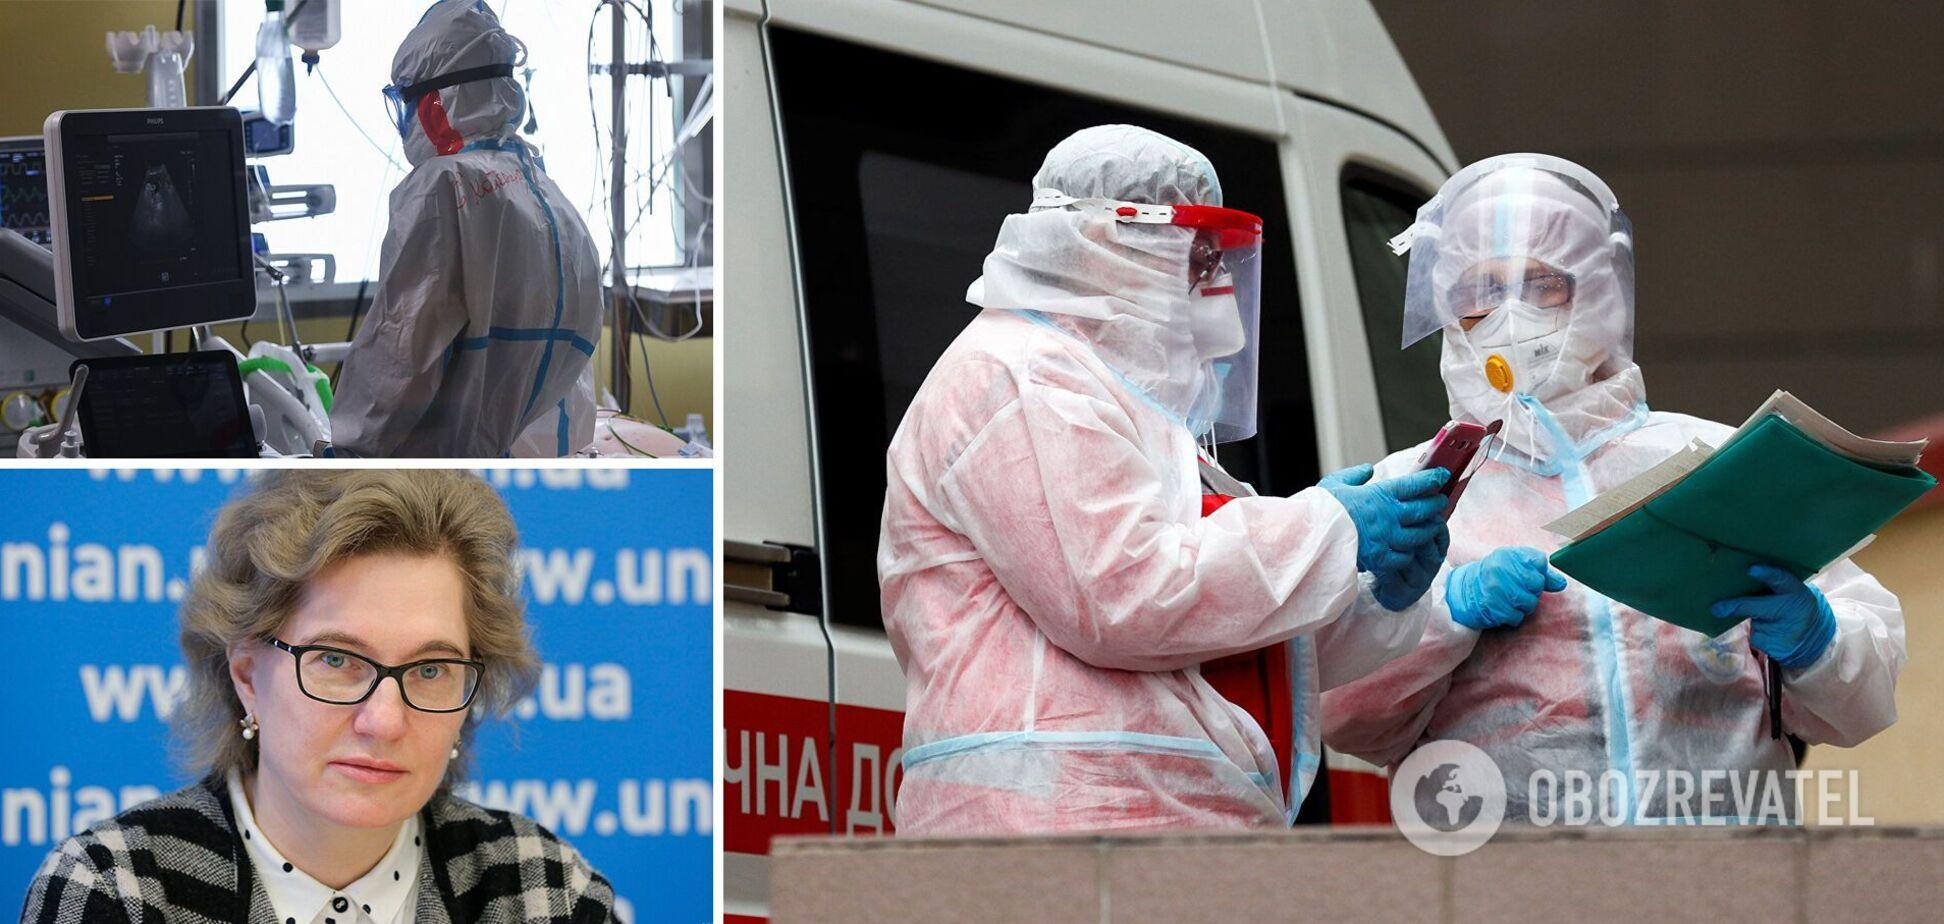 Эпидемия коронавируса в Украине усилится, спад возможен только летом